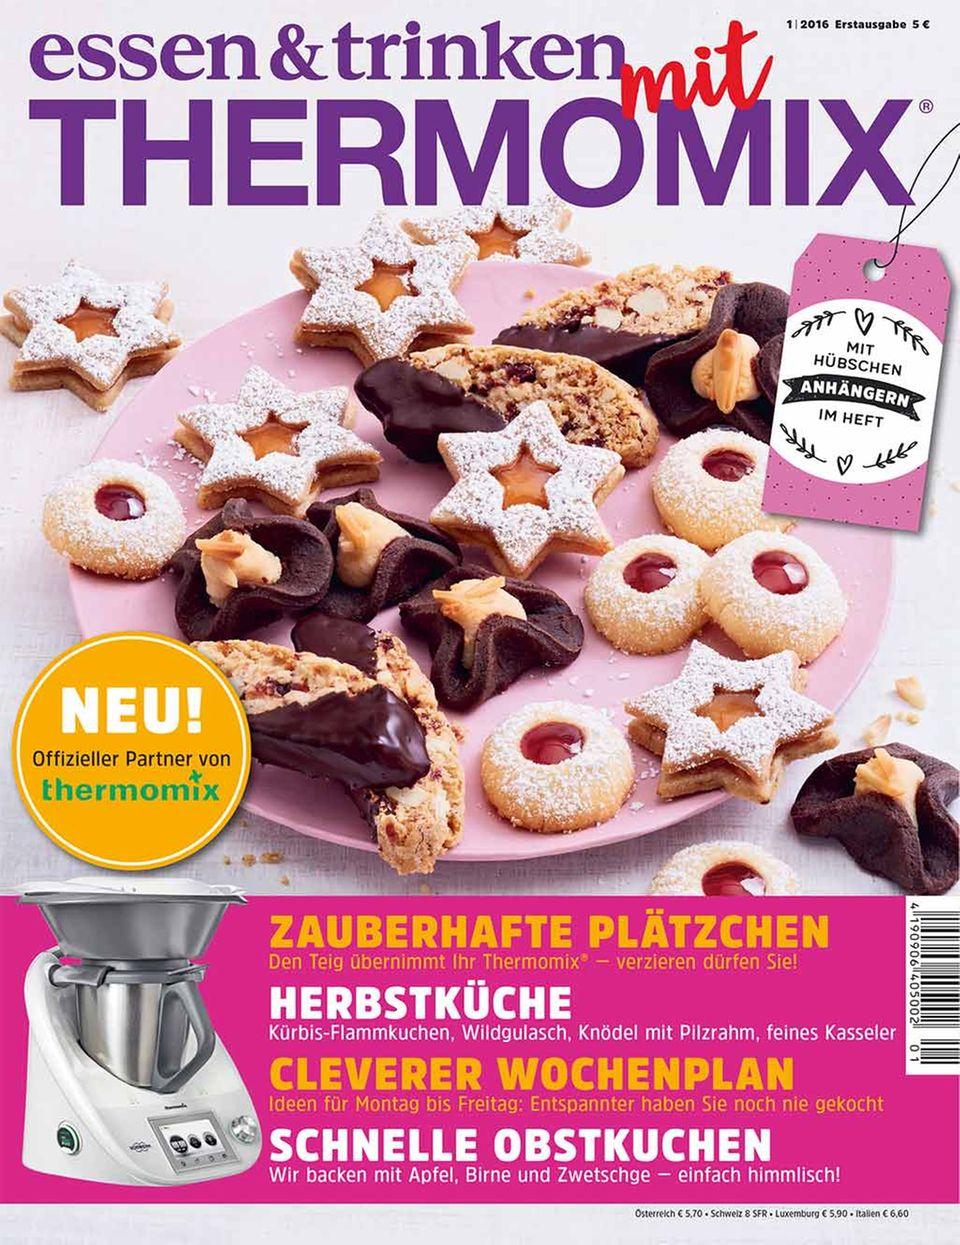 Neu am Kiosk: »essen & trinken« mit Thermomix®